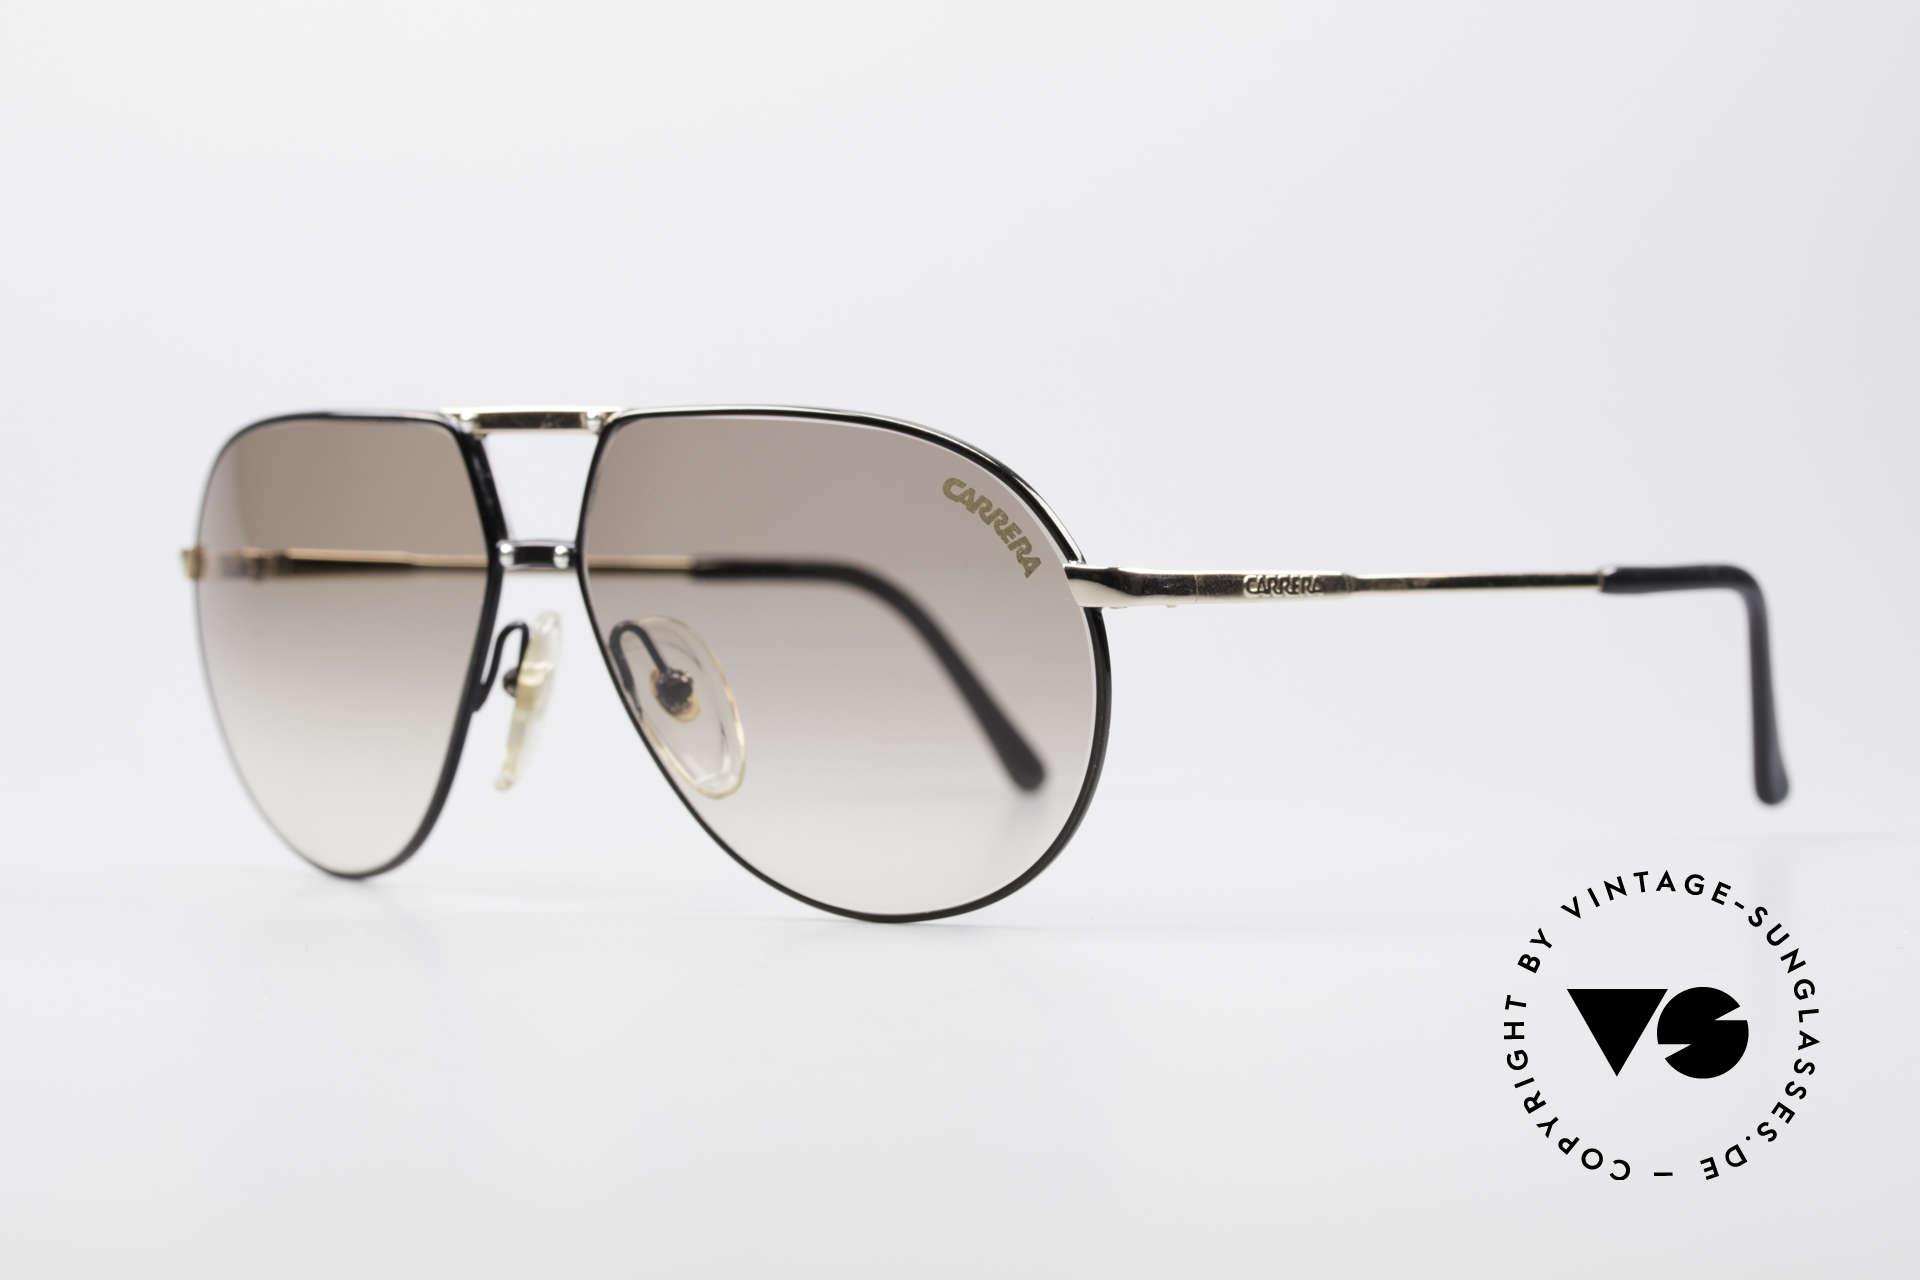 Carrera 5326 - S 80er Herren Sonnenbrille, fühlbare Top-Verarbeitung in SMALL Größe 58/12, Passend für Herren und Damen